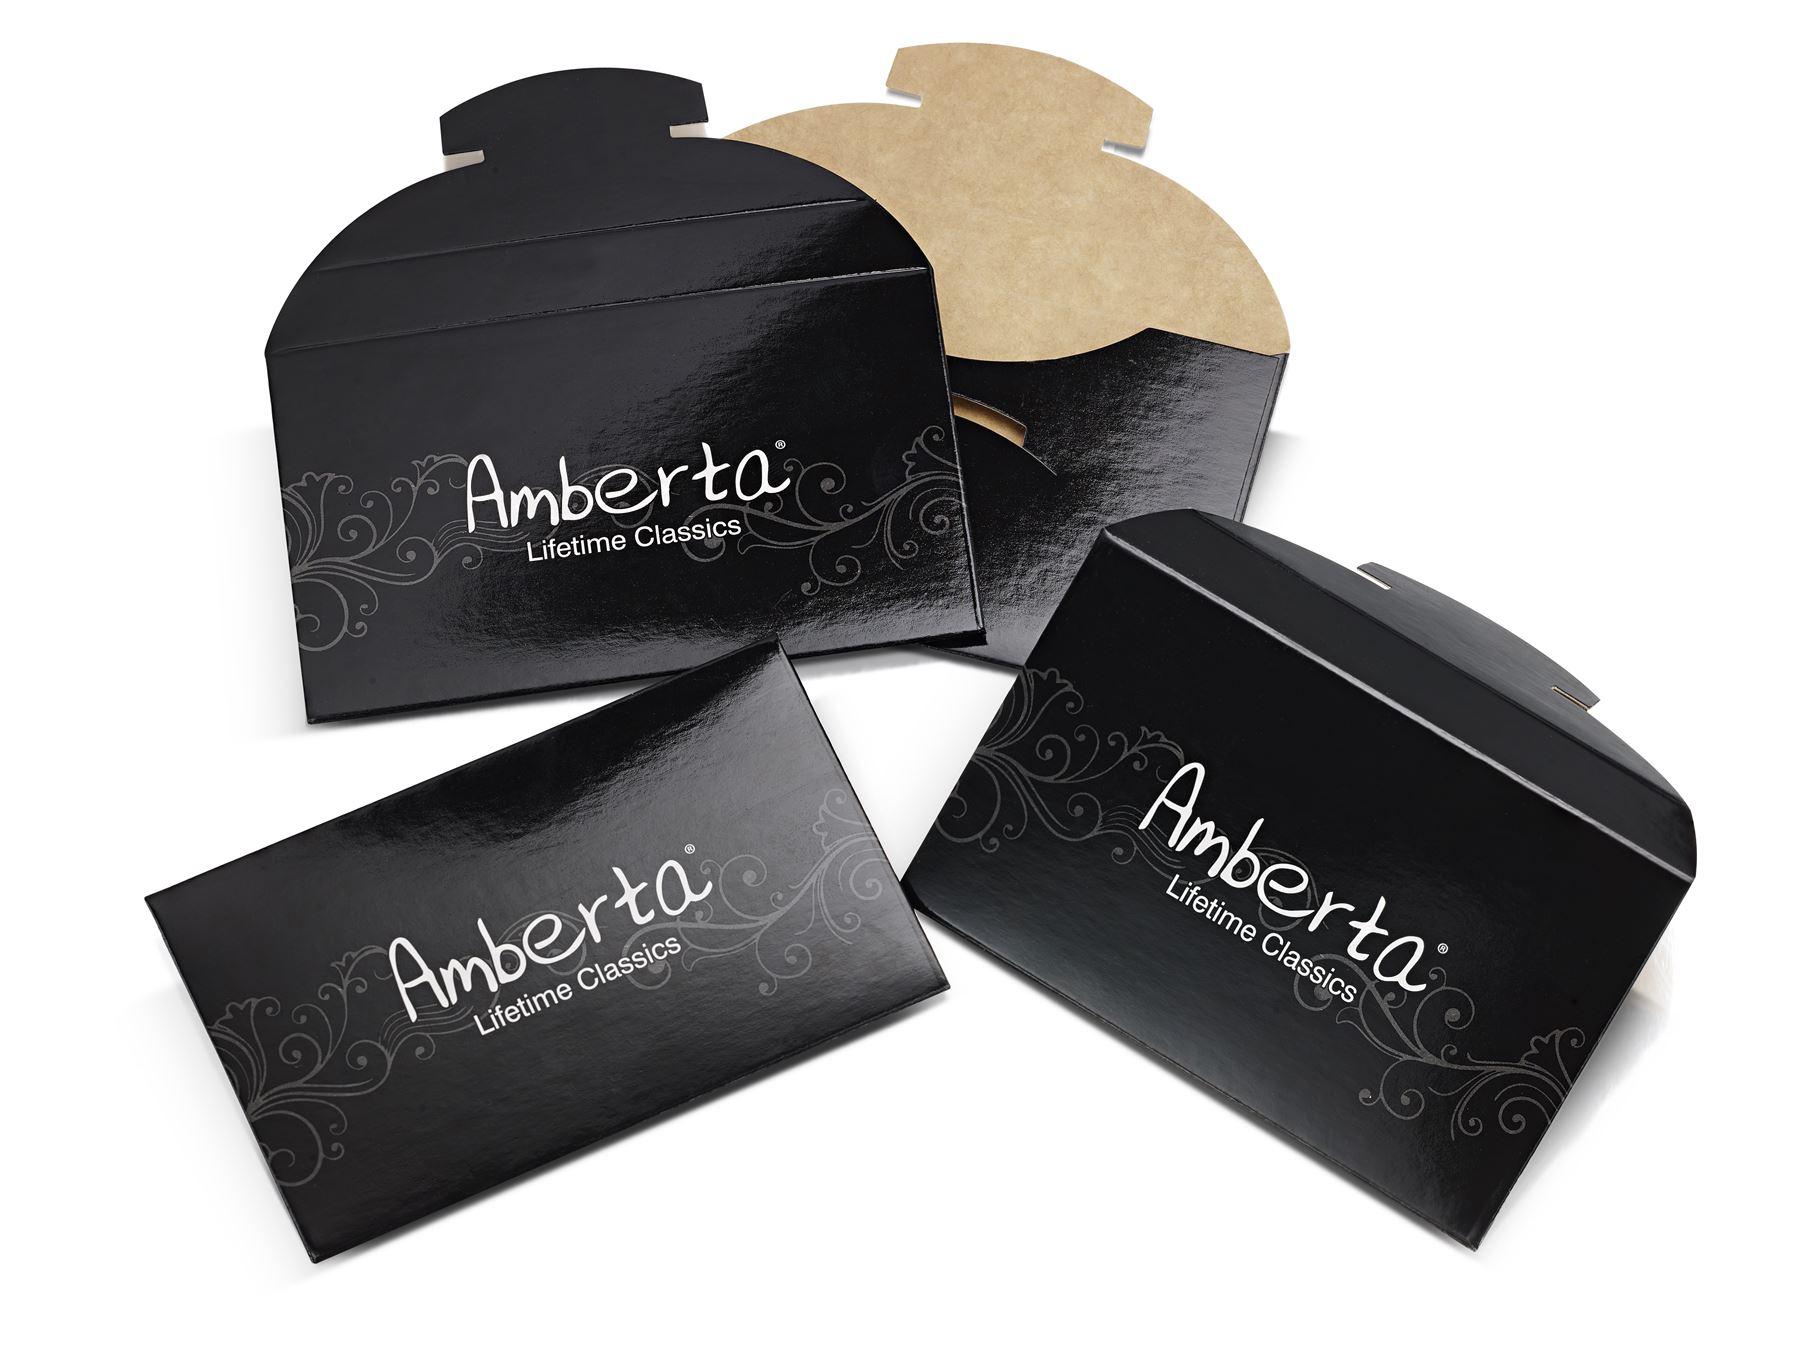 Amberta-Bijoux-Bracelet-en-Vrai-Argent-Sterling-925-Chaine-pour-Femme-a-la-Mode thumbnail 21